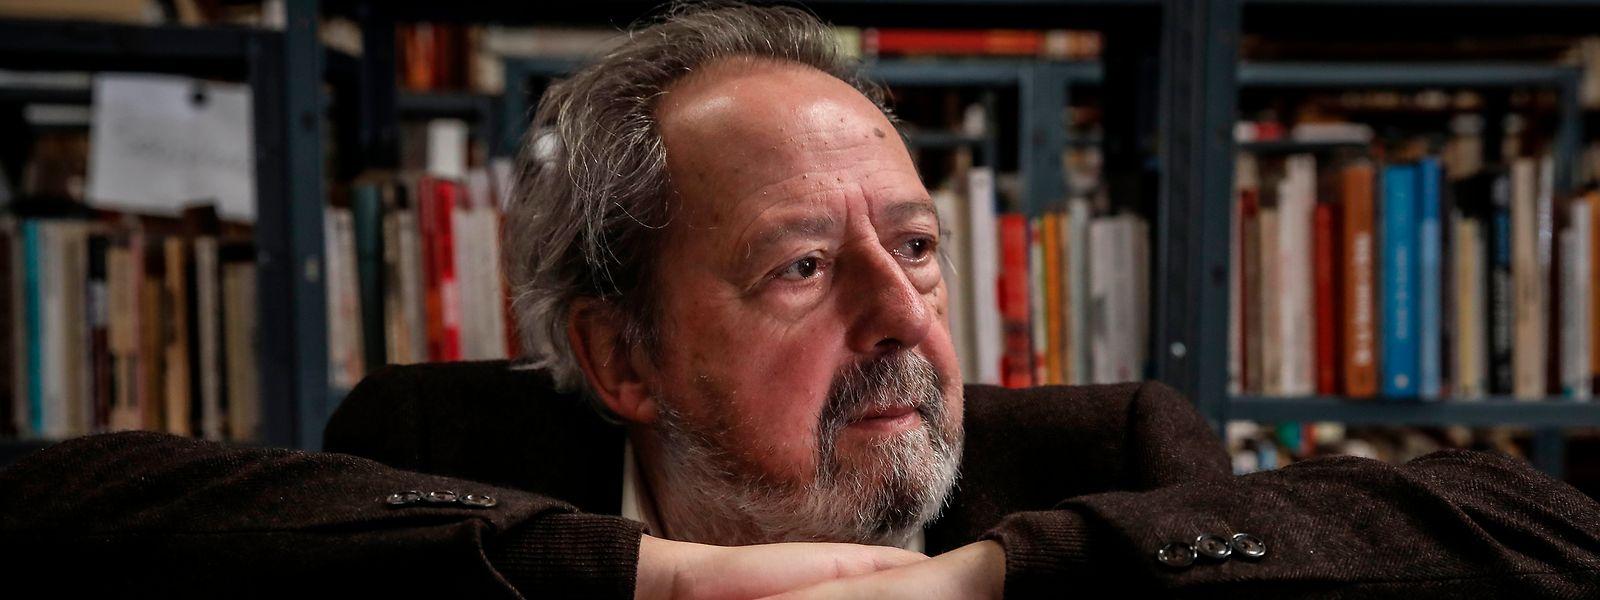 Pacheco Pereira fotografado no Espaço da Associação Ephemera e da exposição no Parque Empresarial da Baía do Tejo.